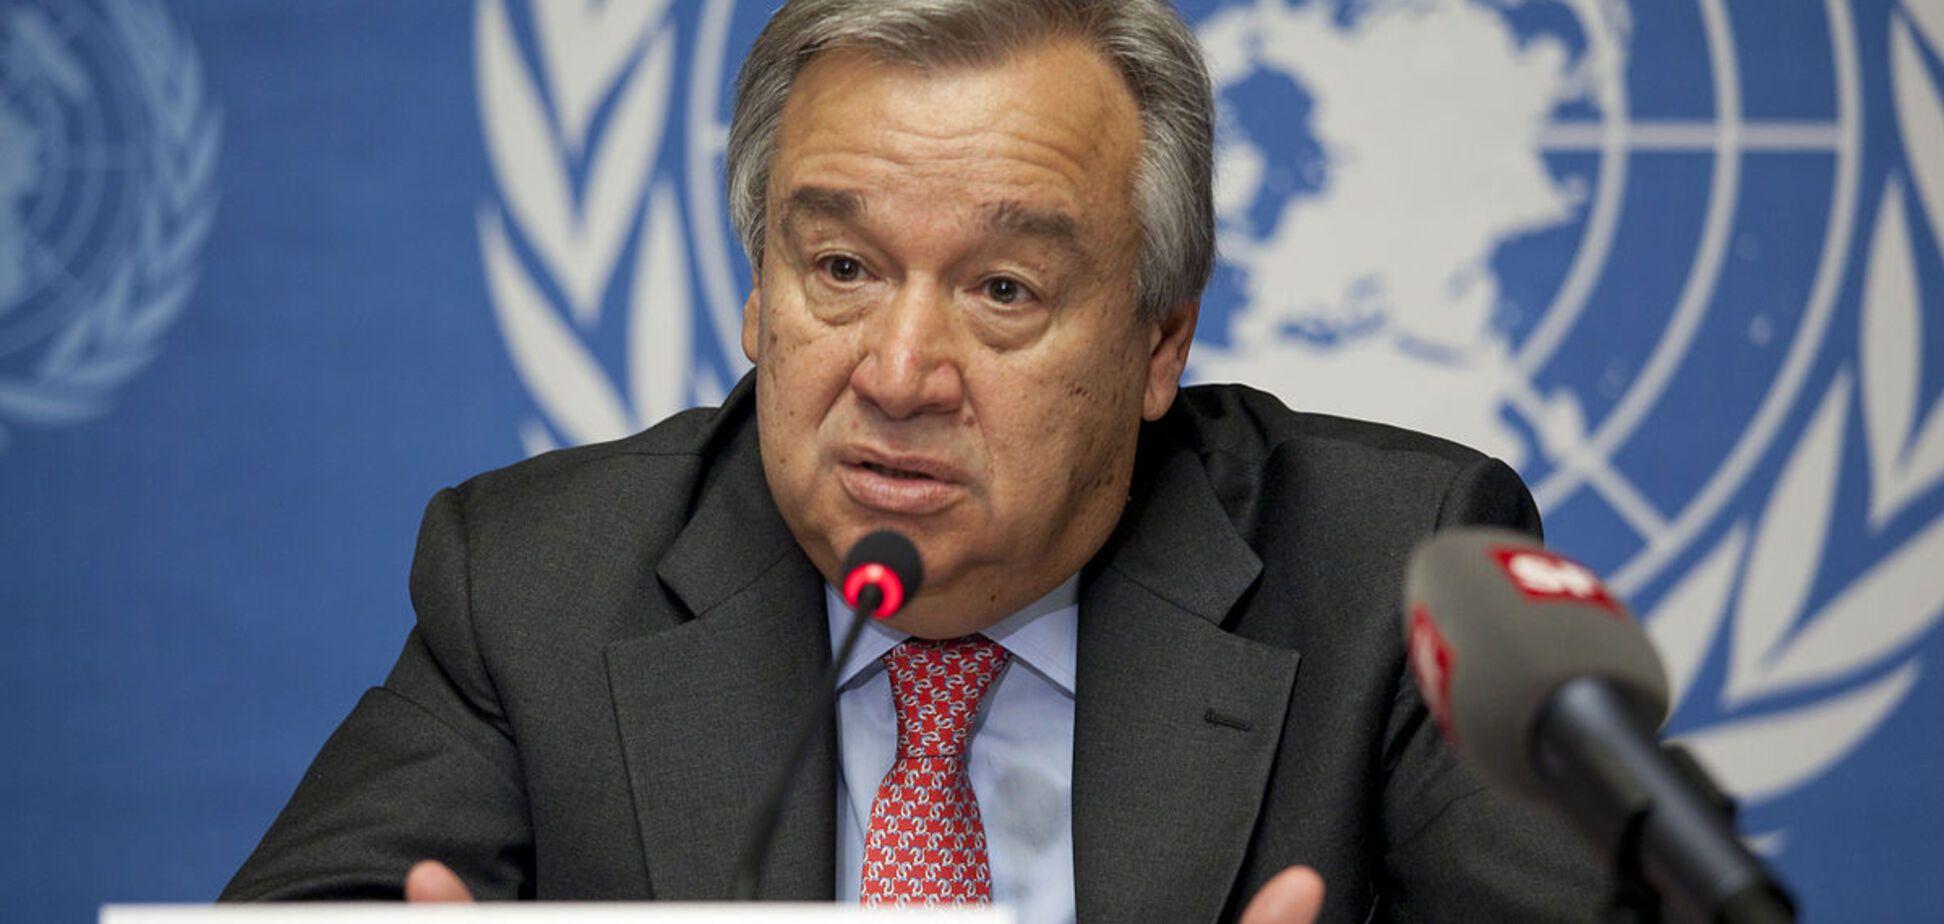 Генсек ООН спрогнозировал массовый голод из-за пандемии: текст тревожного обращения